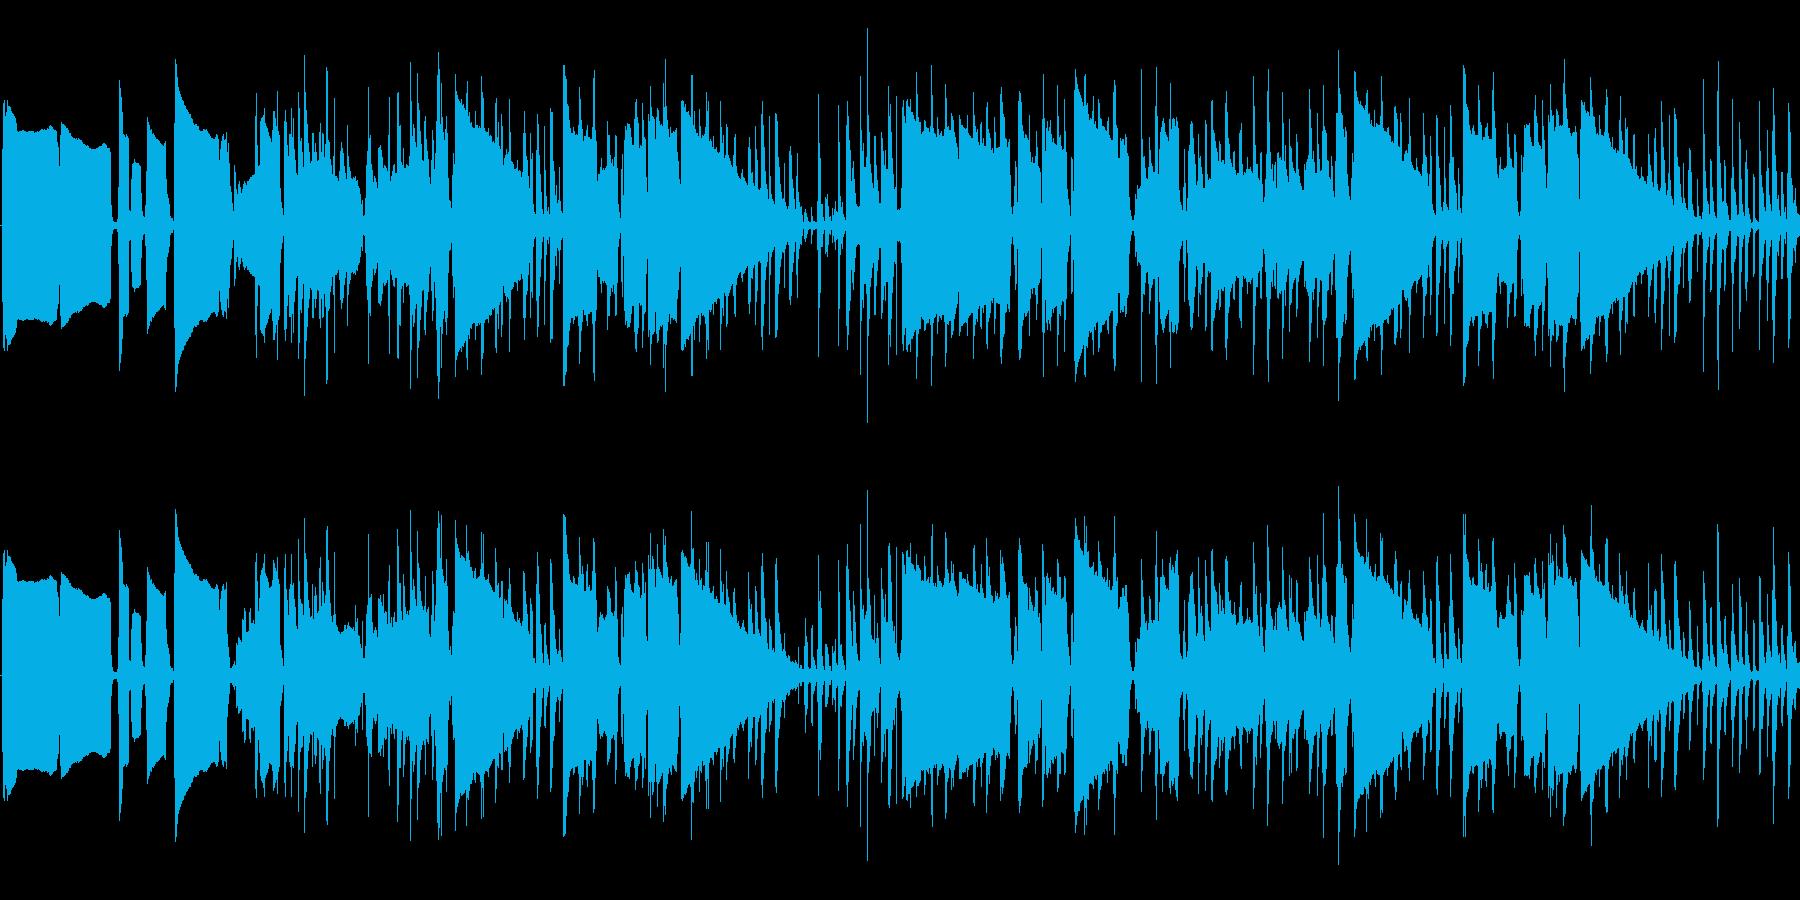 【アップテンポ/サックスJAZZ】の再生済みの波形